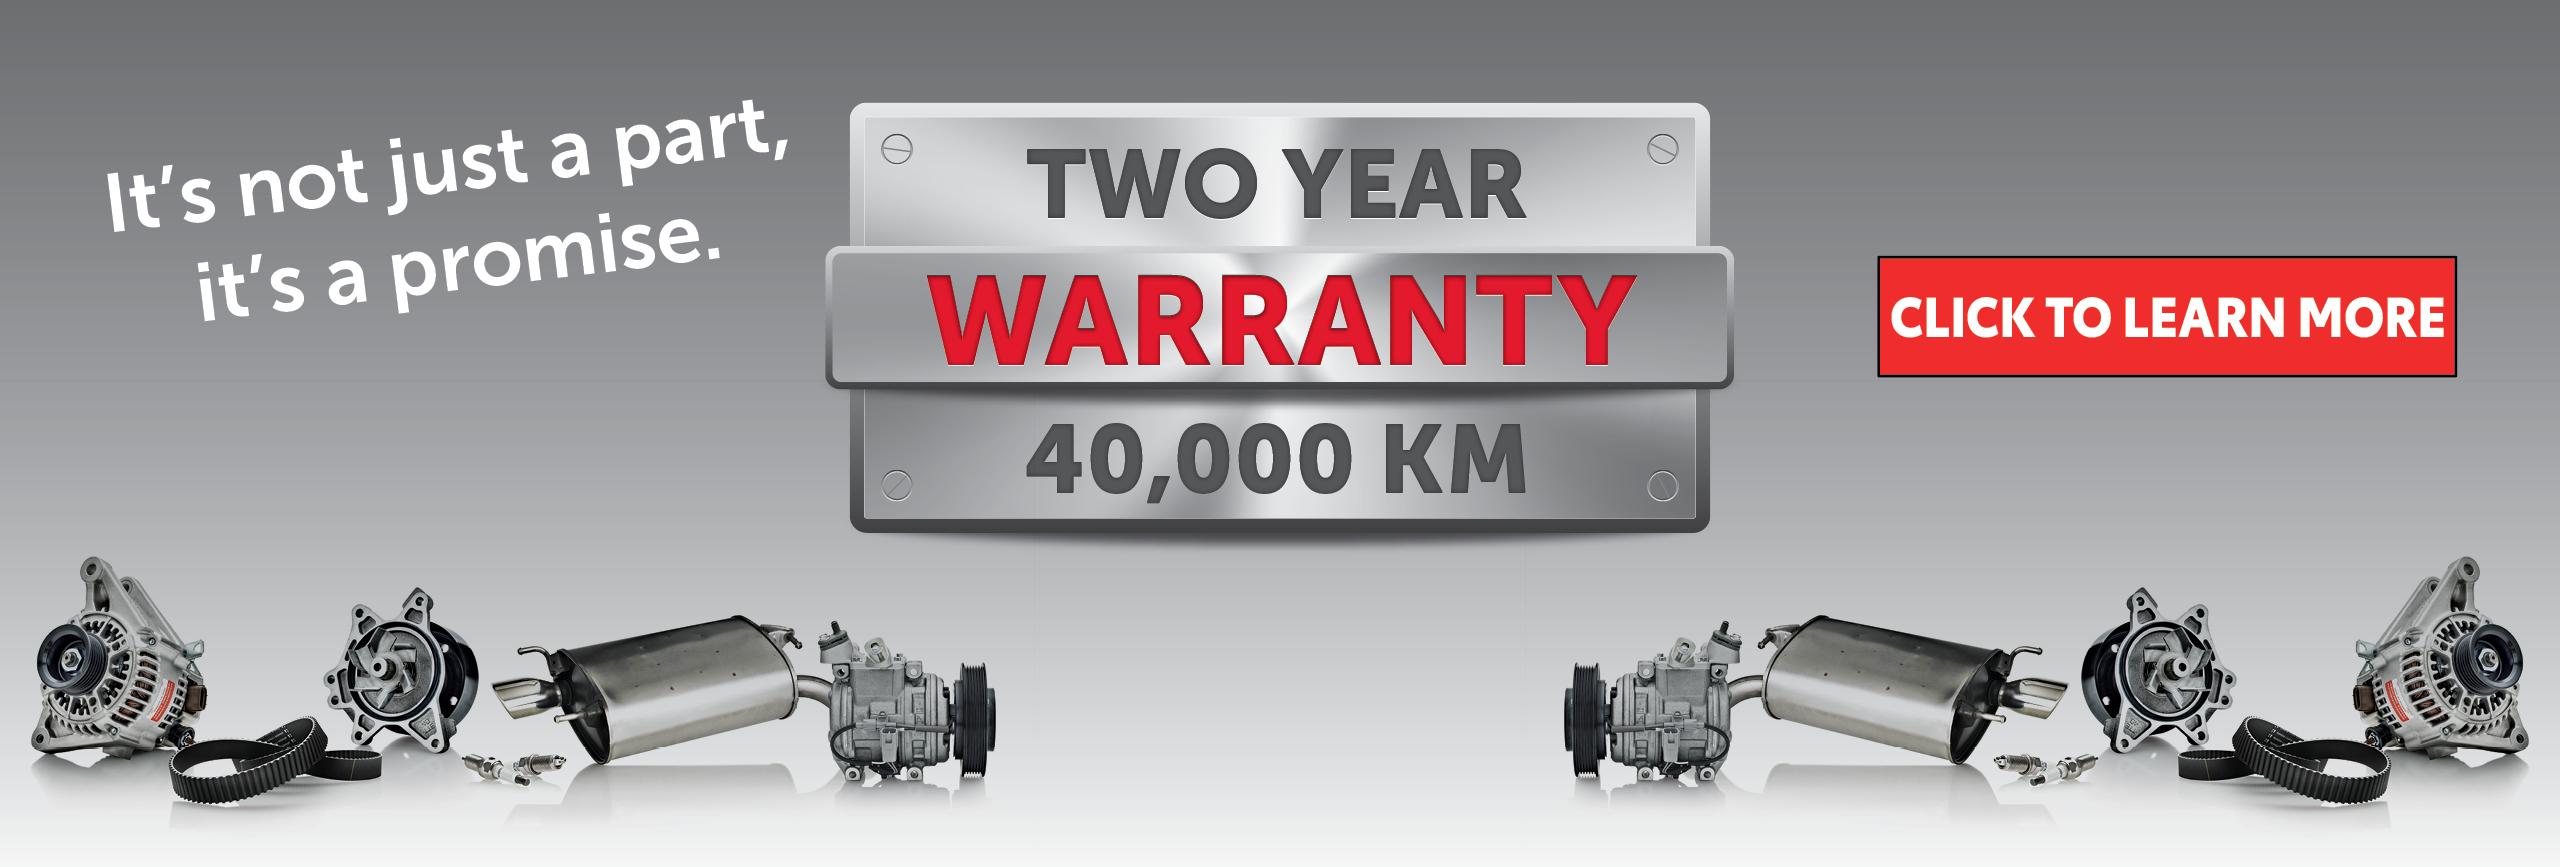 Two Year Warranty 40,000 km